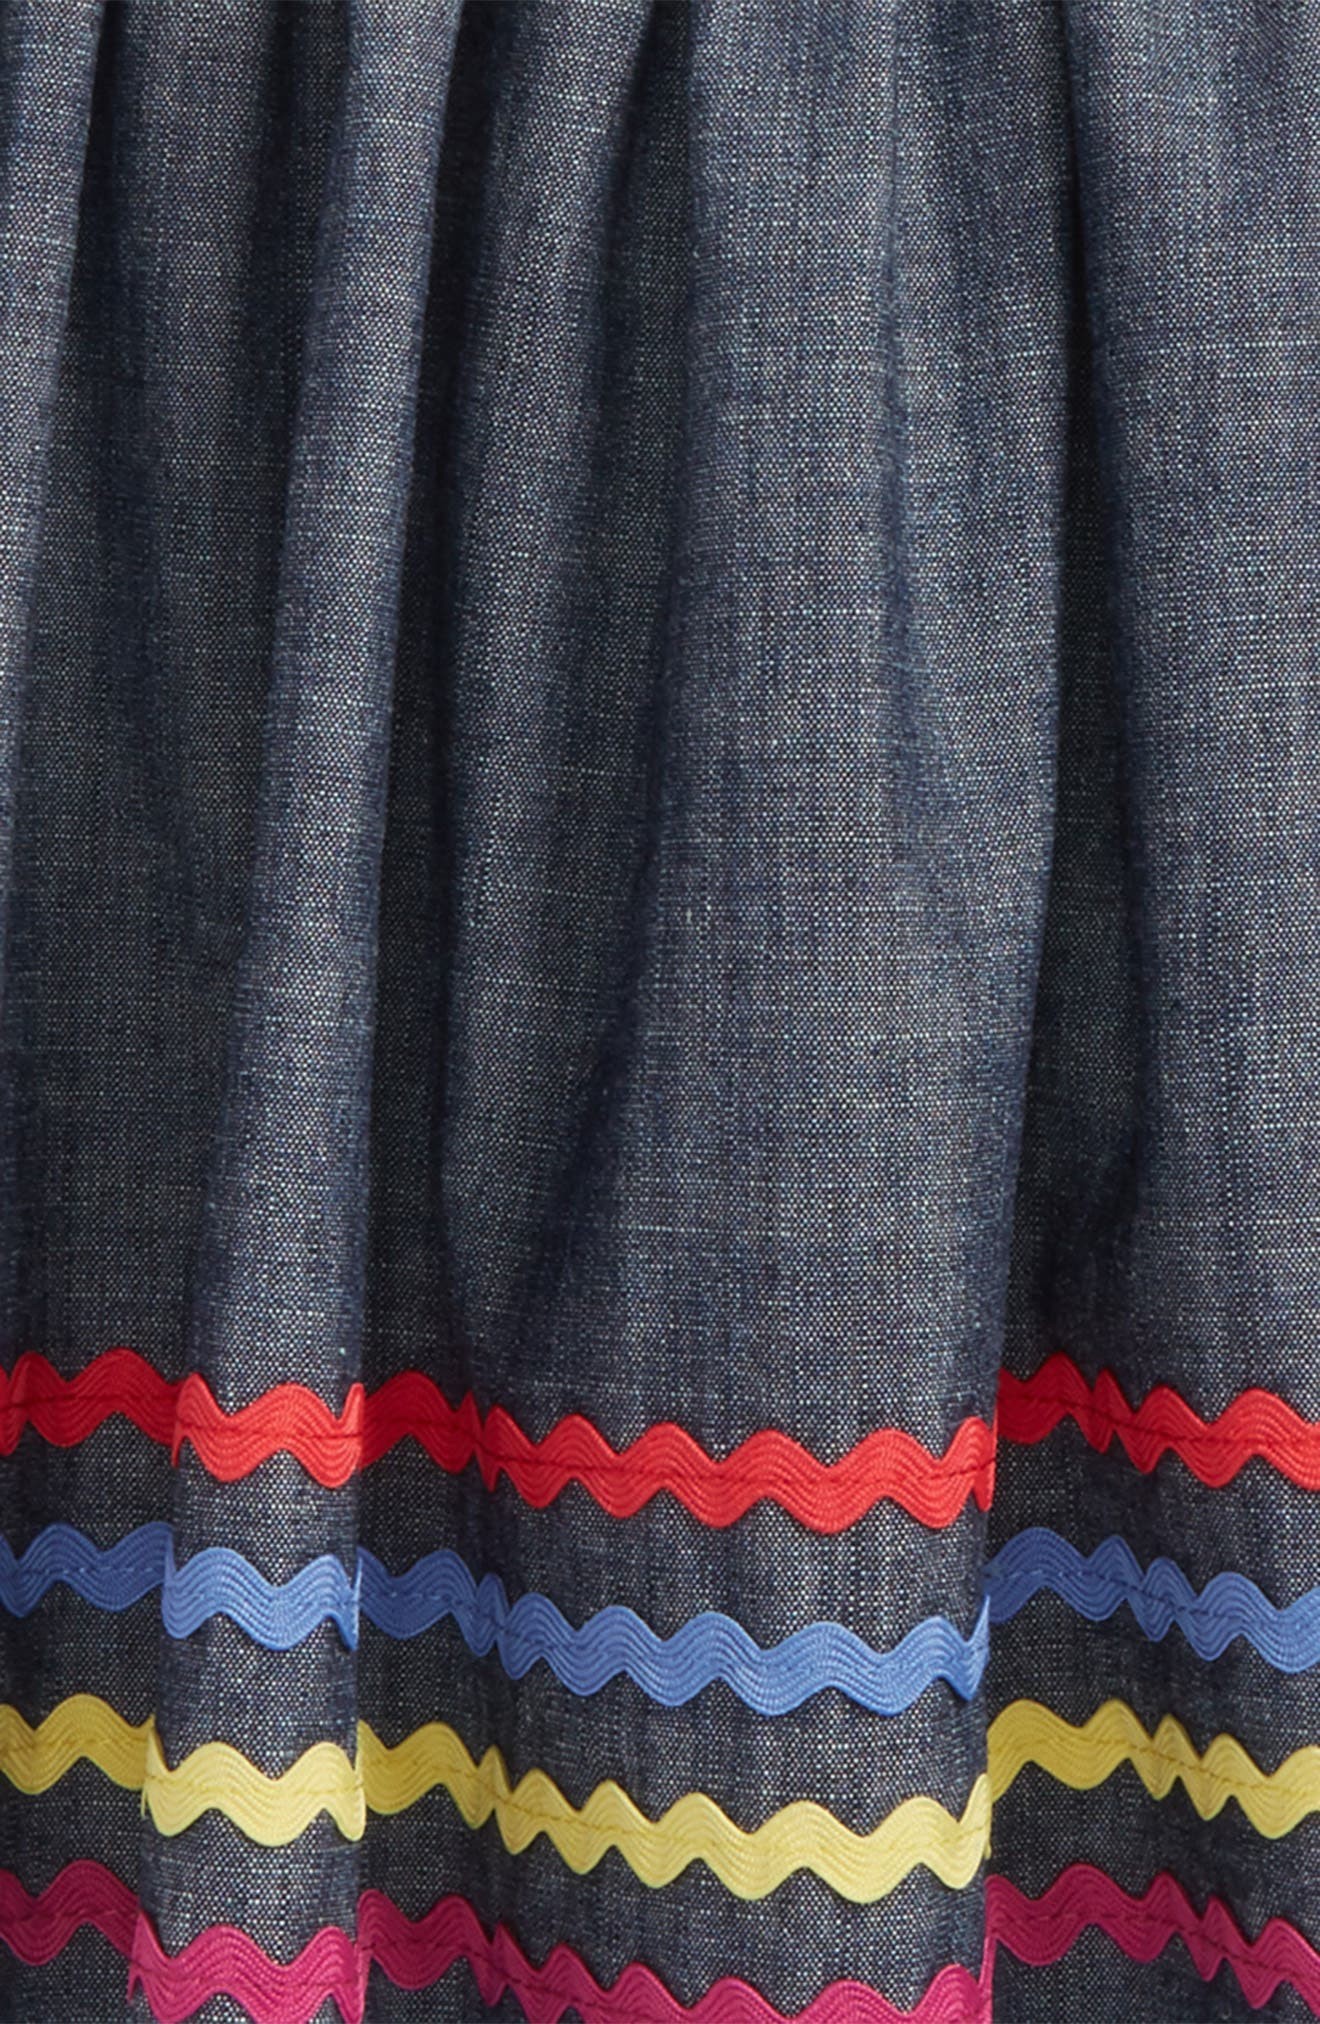 Rickrack Twirl Skirt,                             Alternate thumbnail 2, color,                             410